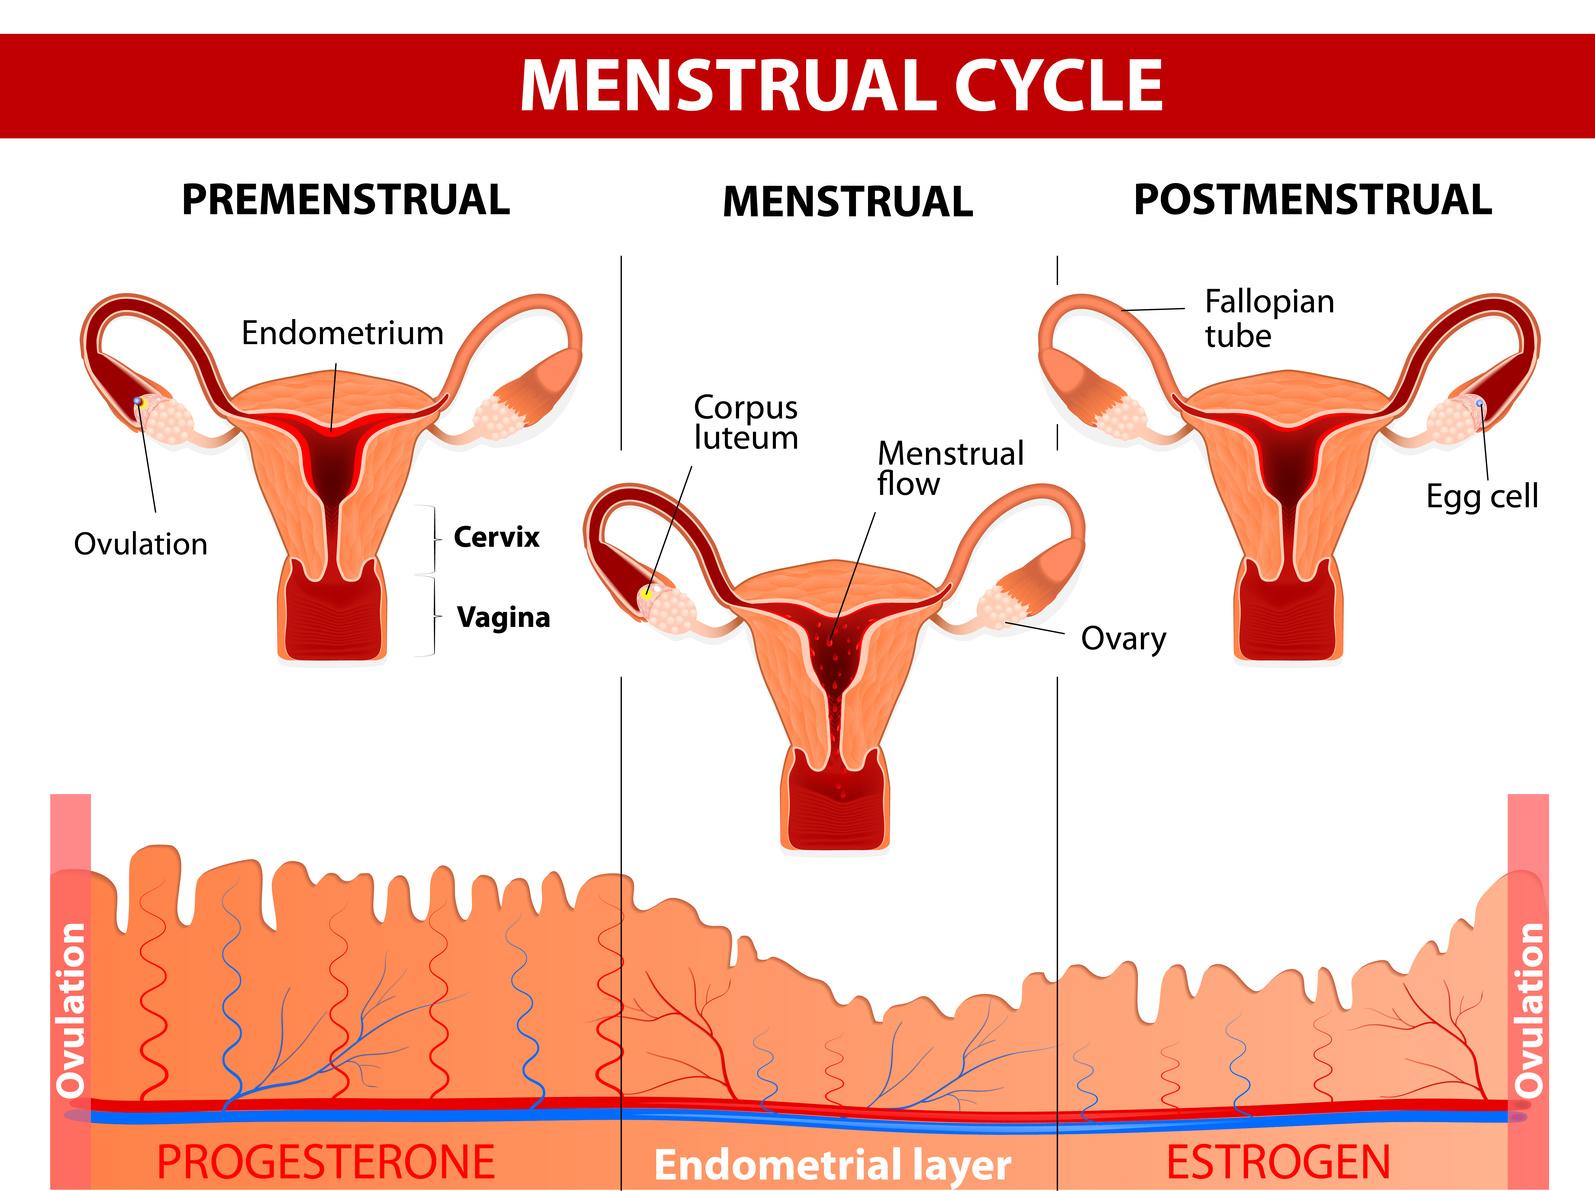 M menstruacion